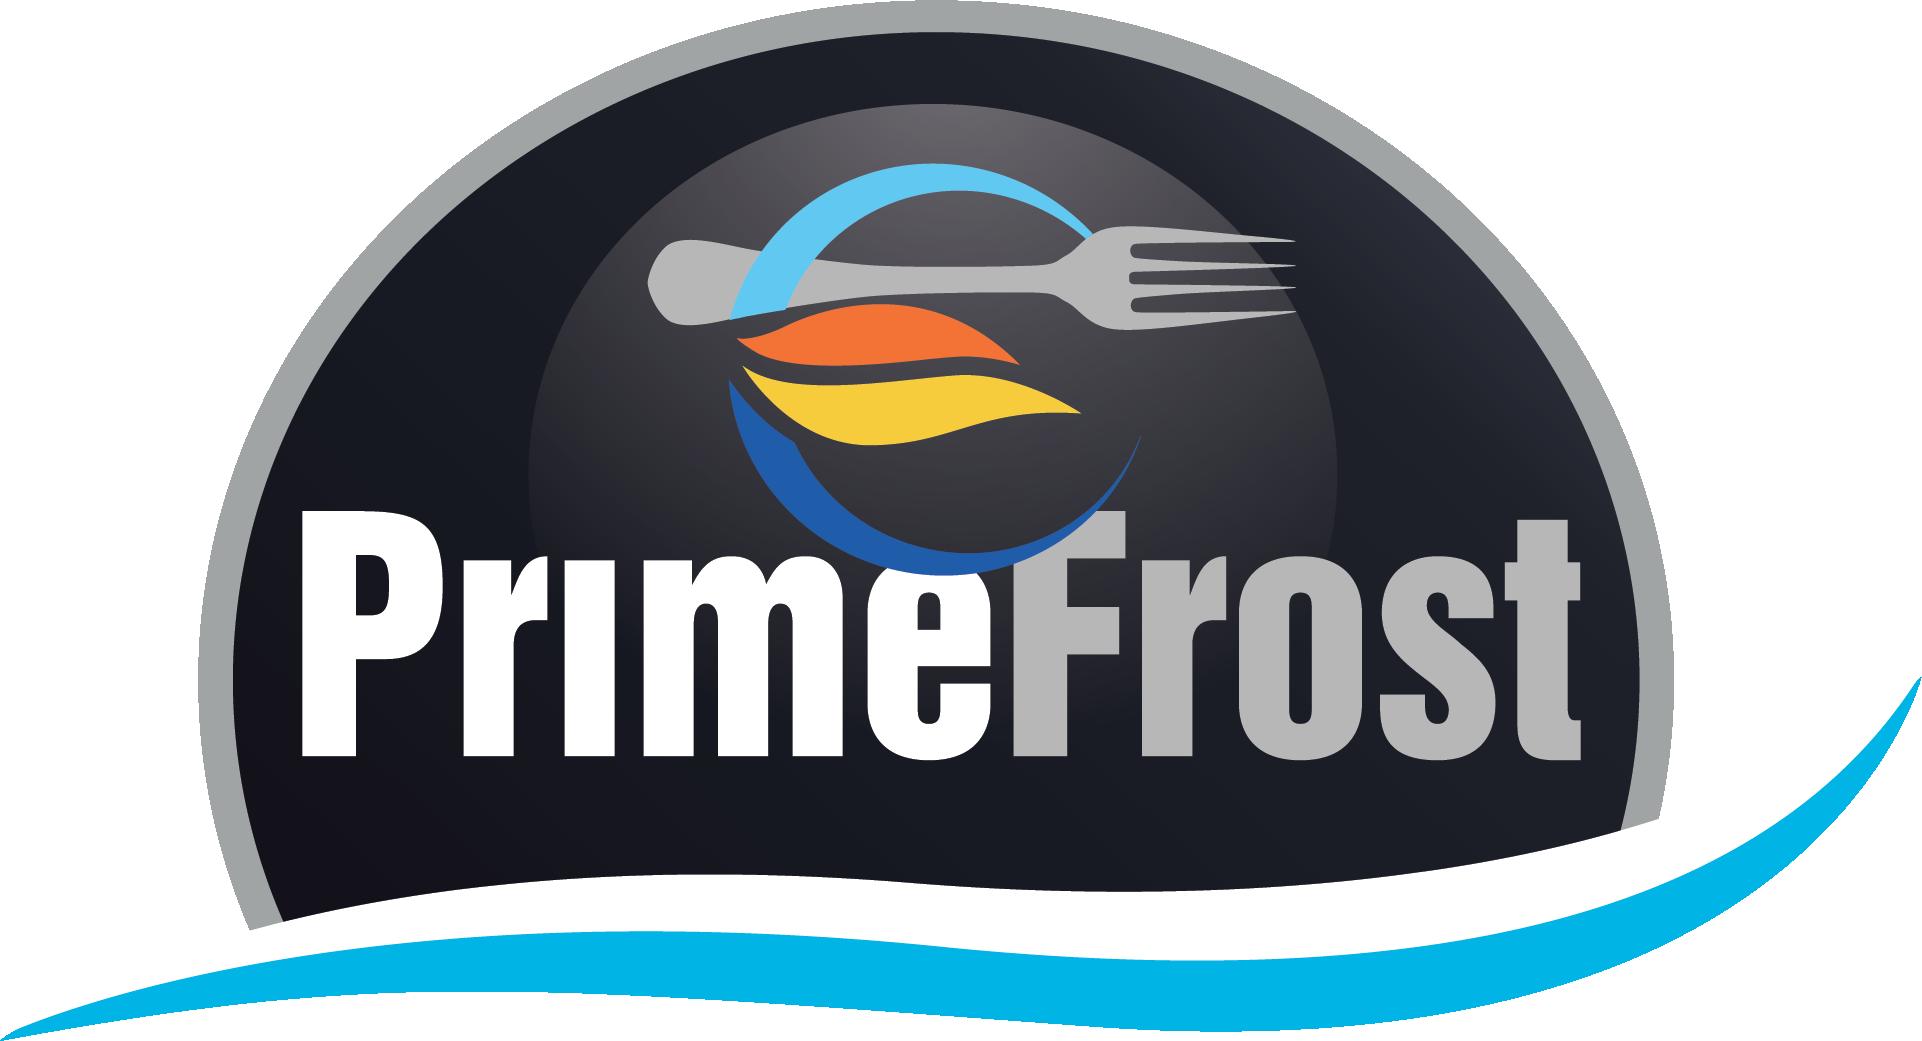 primefrost